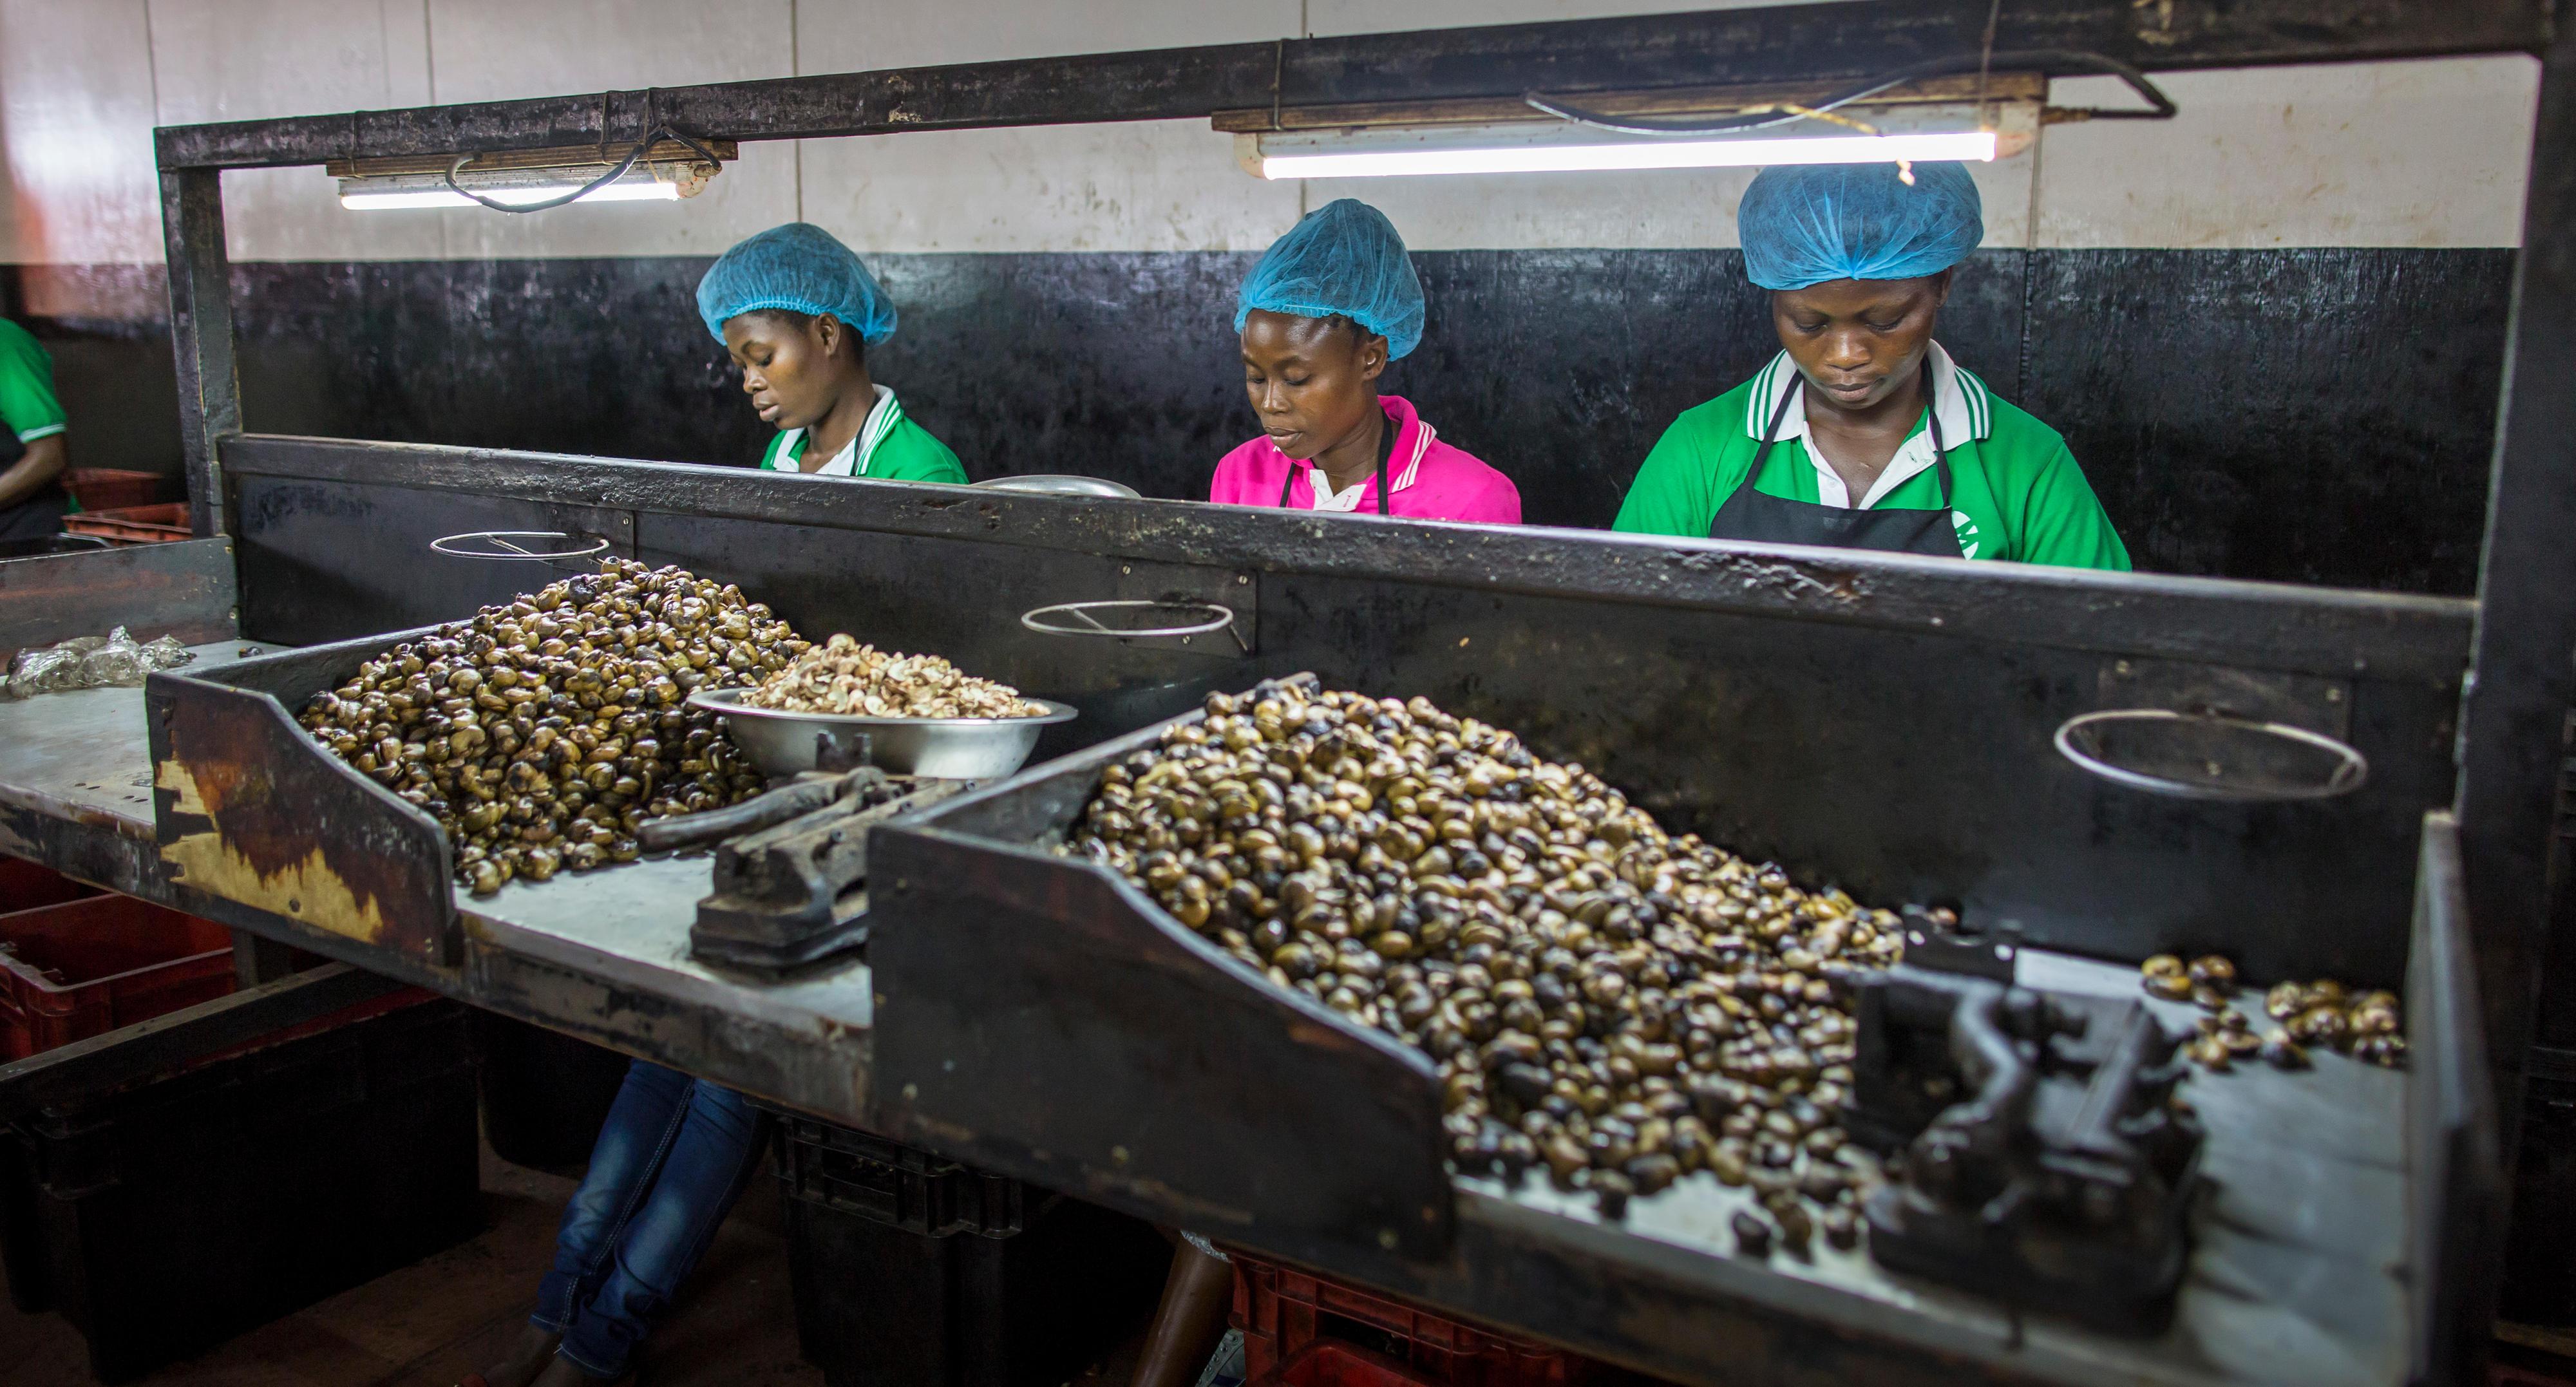 Mitarbeiter in einem Betrieb in Ghana, der Cashewnüsse verarbeitet